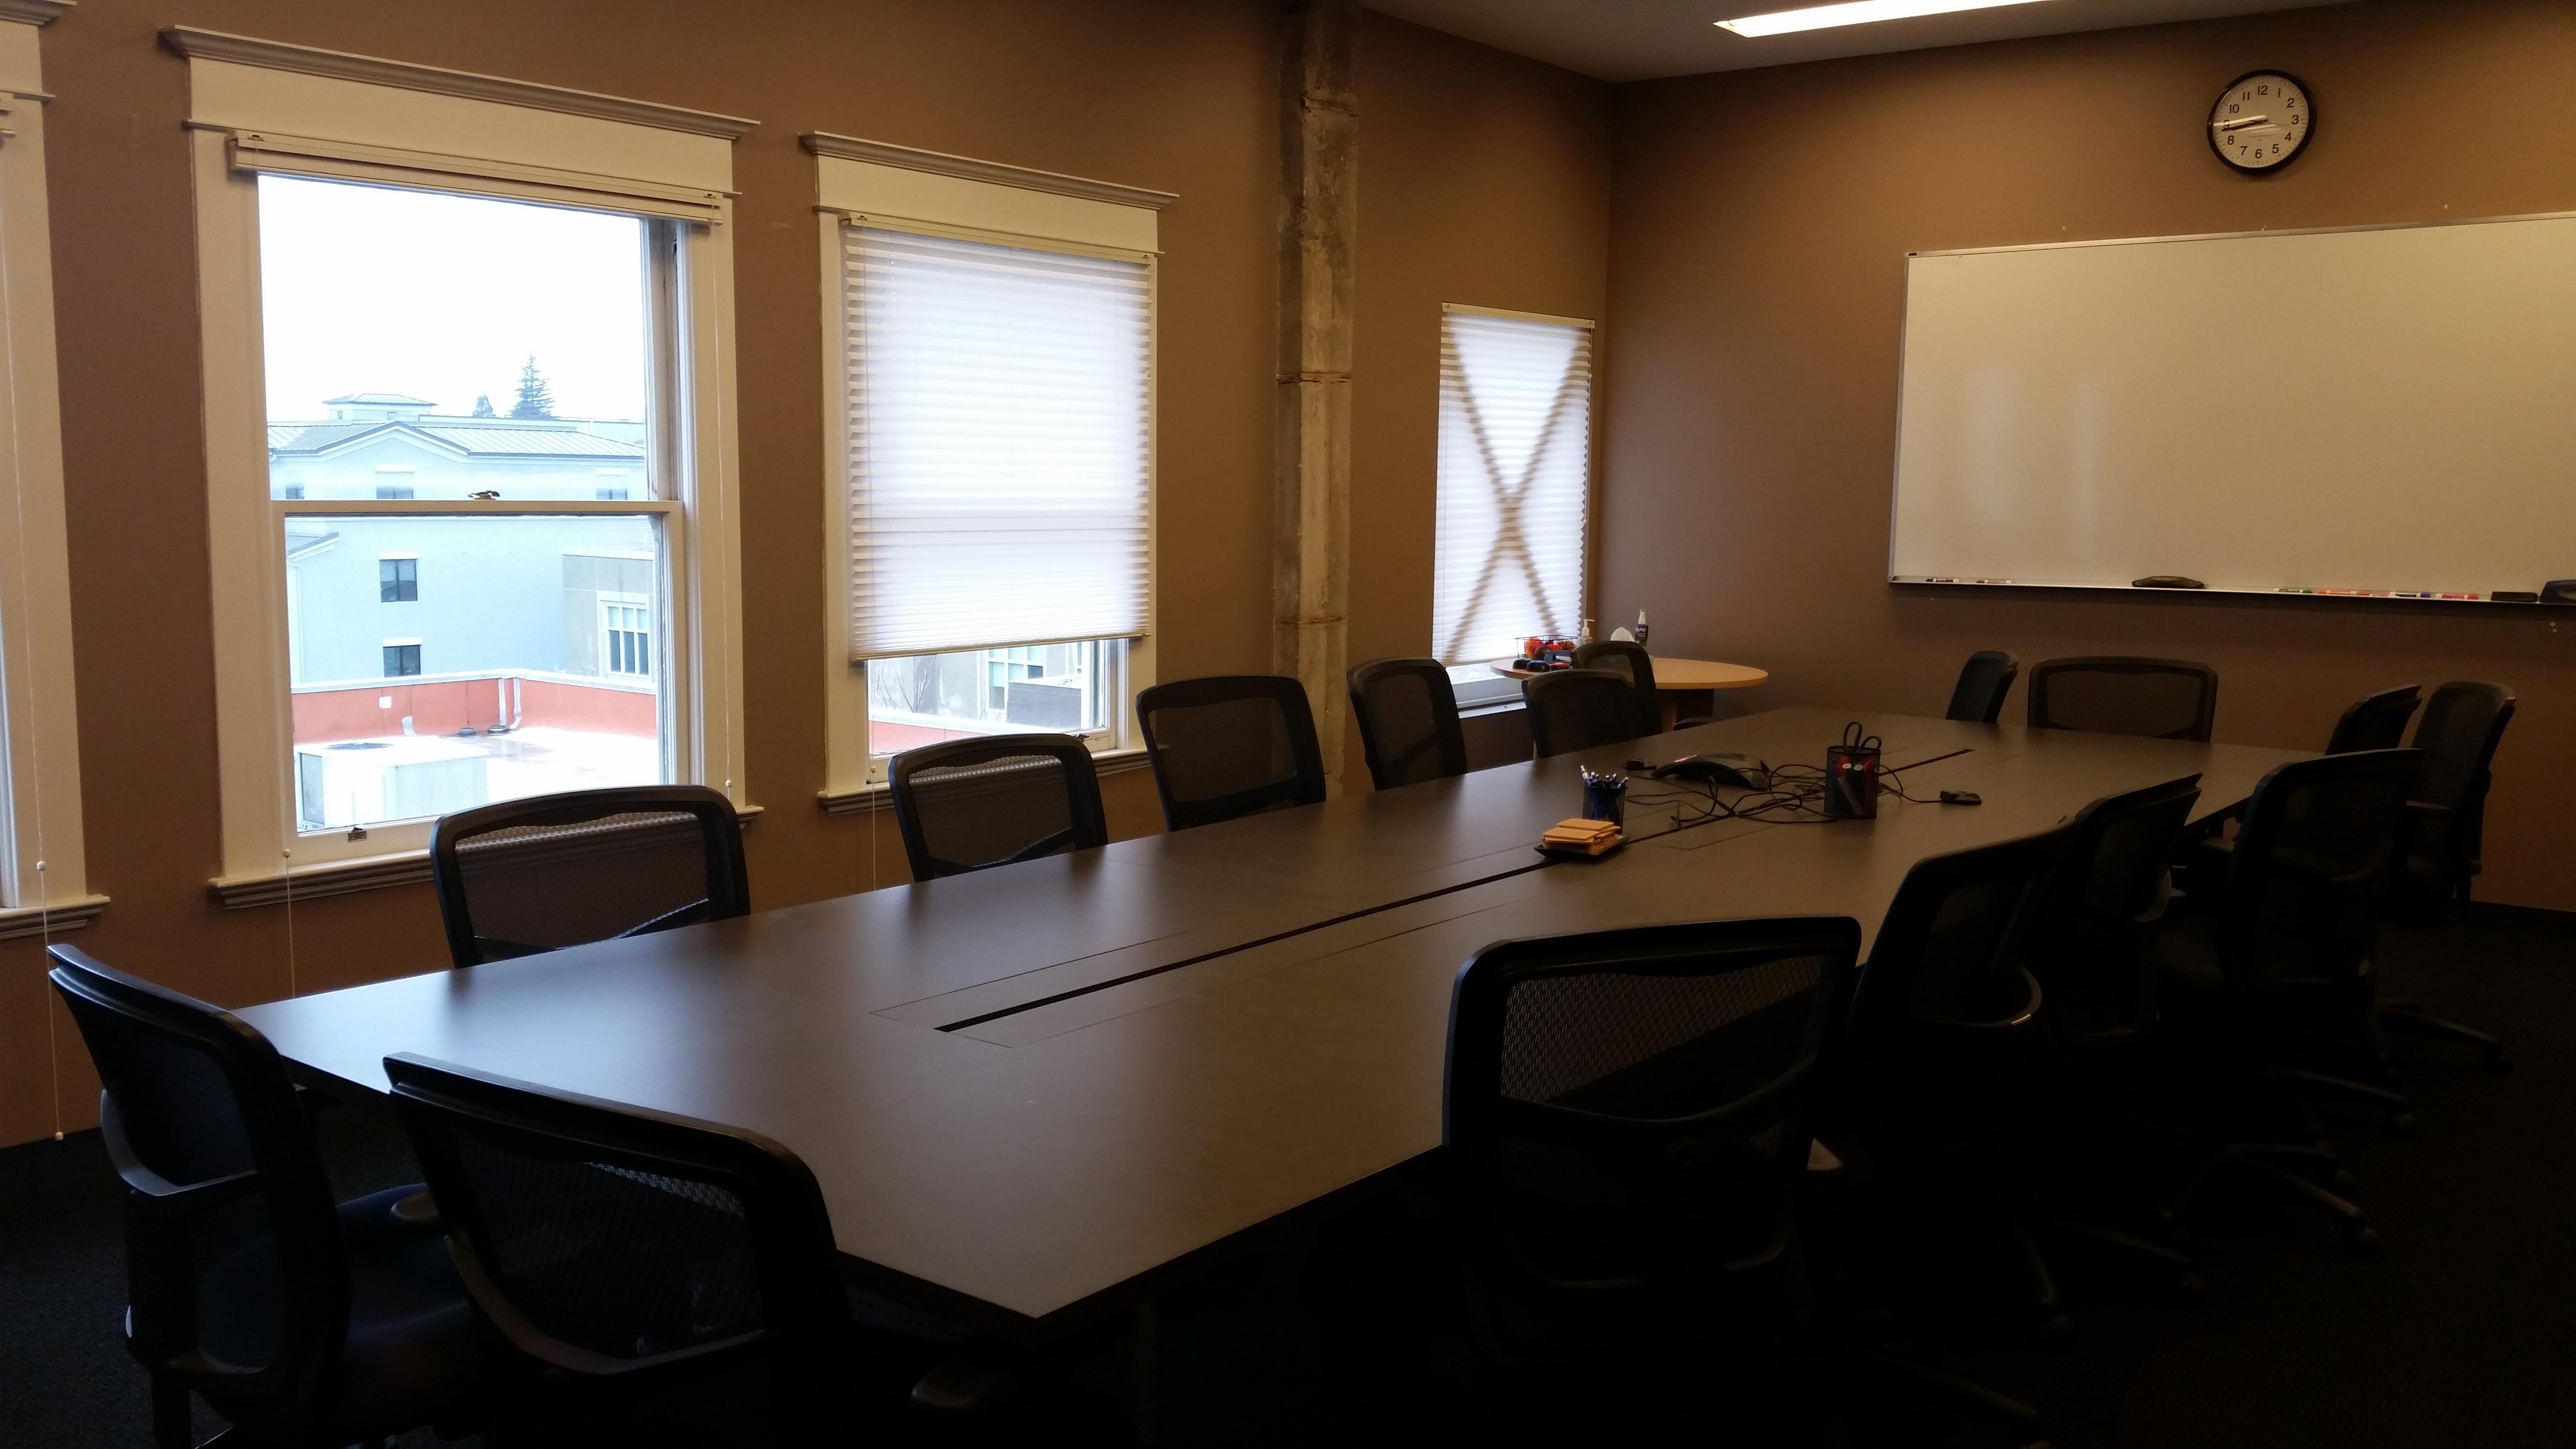 Informing Change - Meeting Room- Views of SF Bay